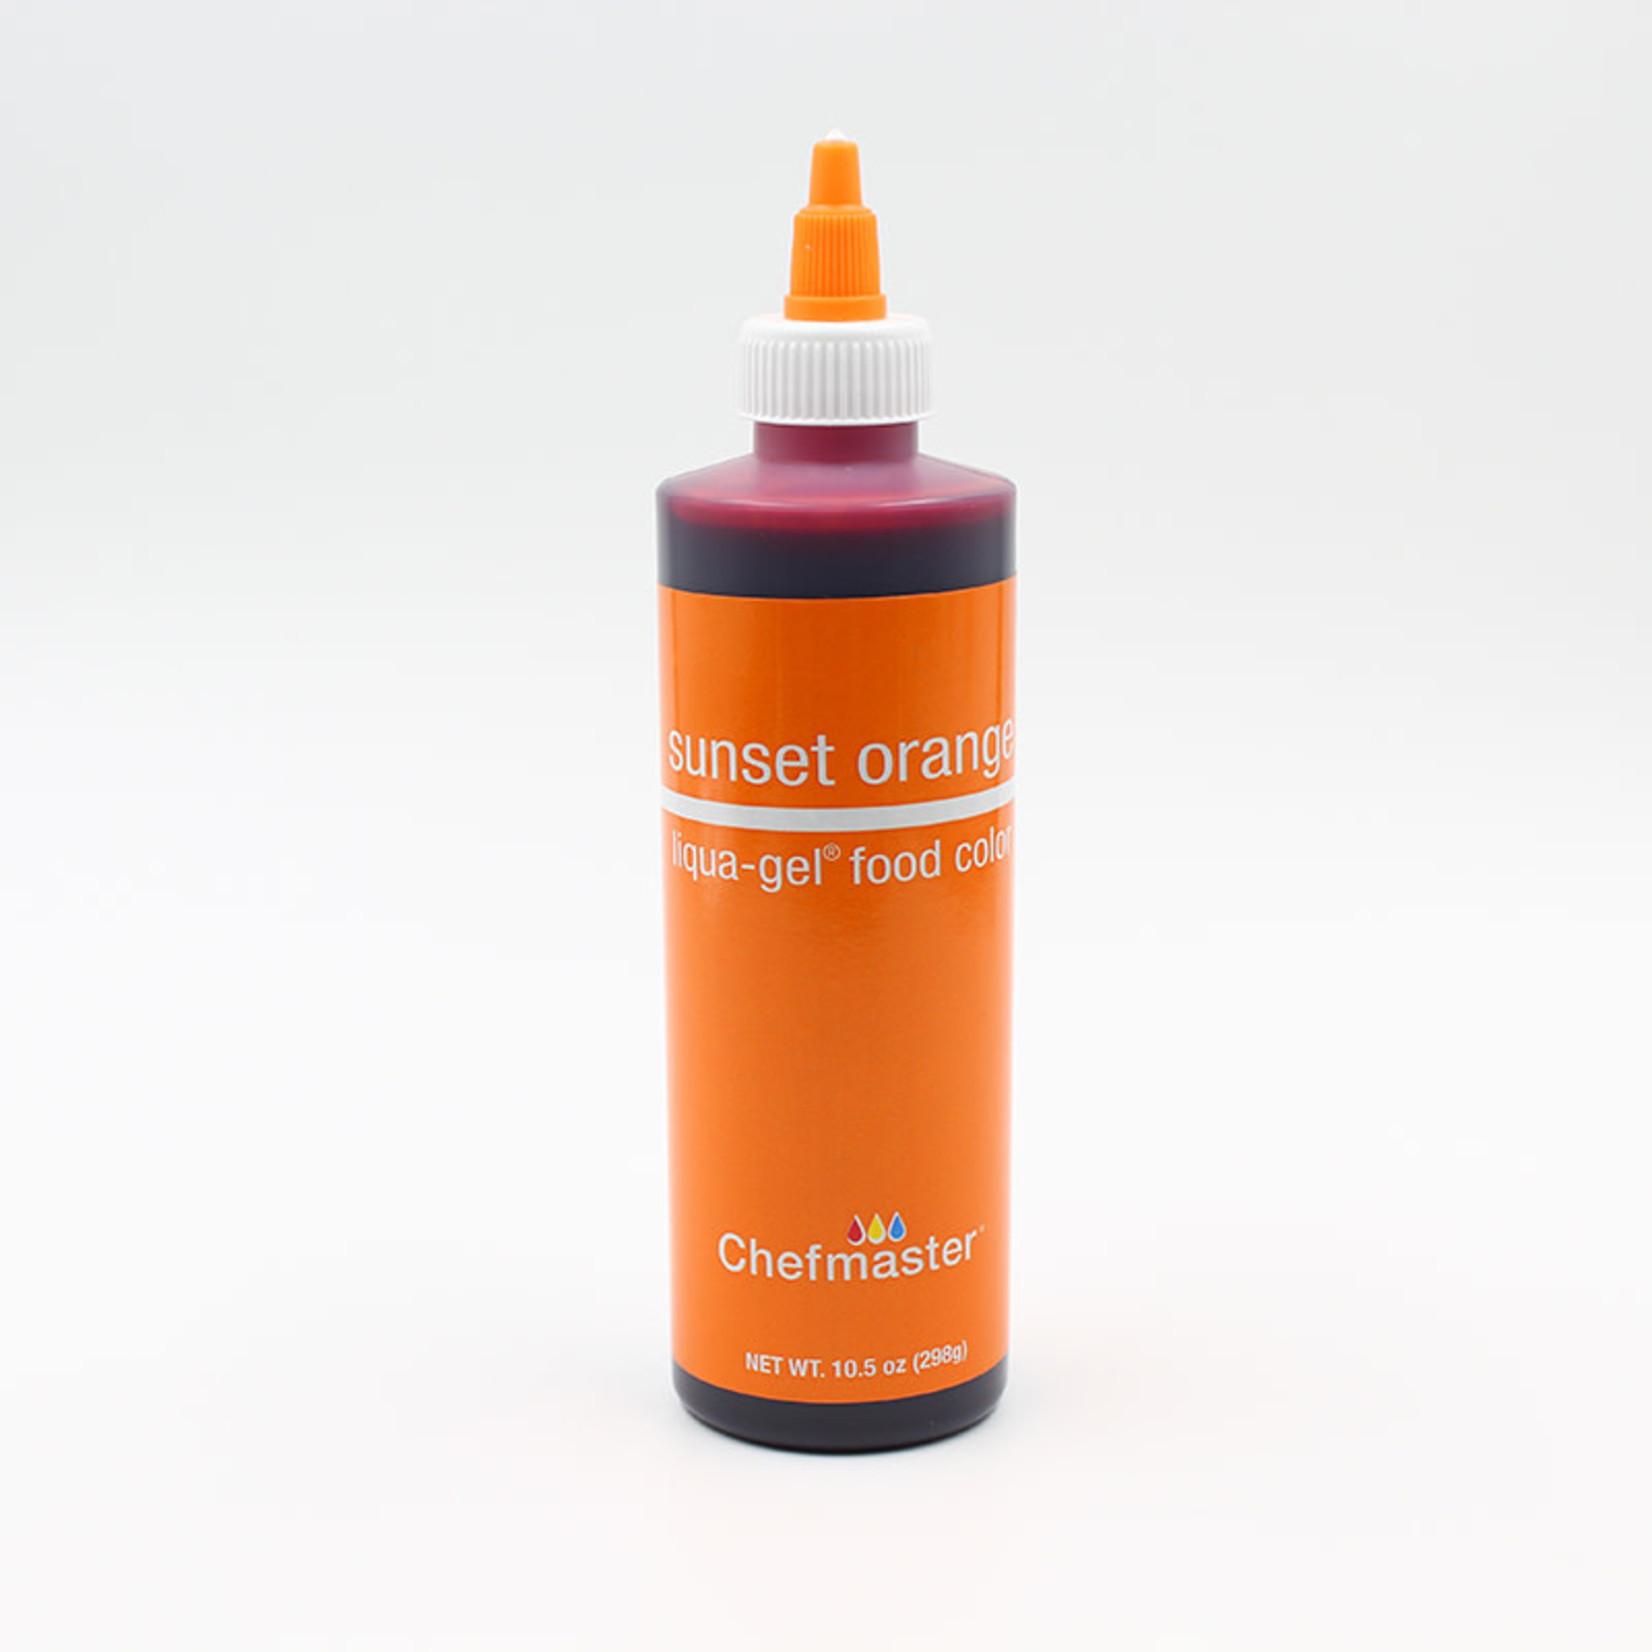 Chefmaster Chefmaster - Sunset Orange Gel food color - 10.5oz, 41-5440